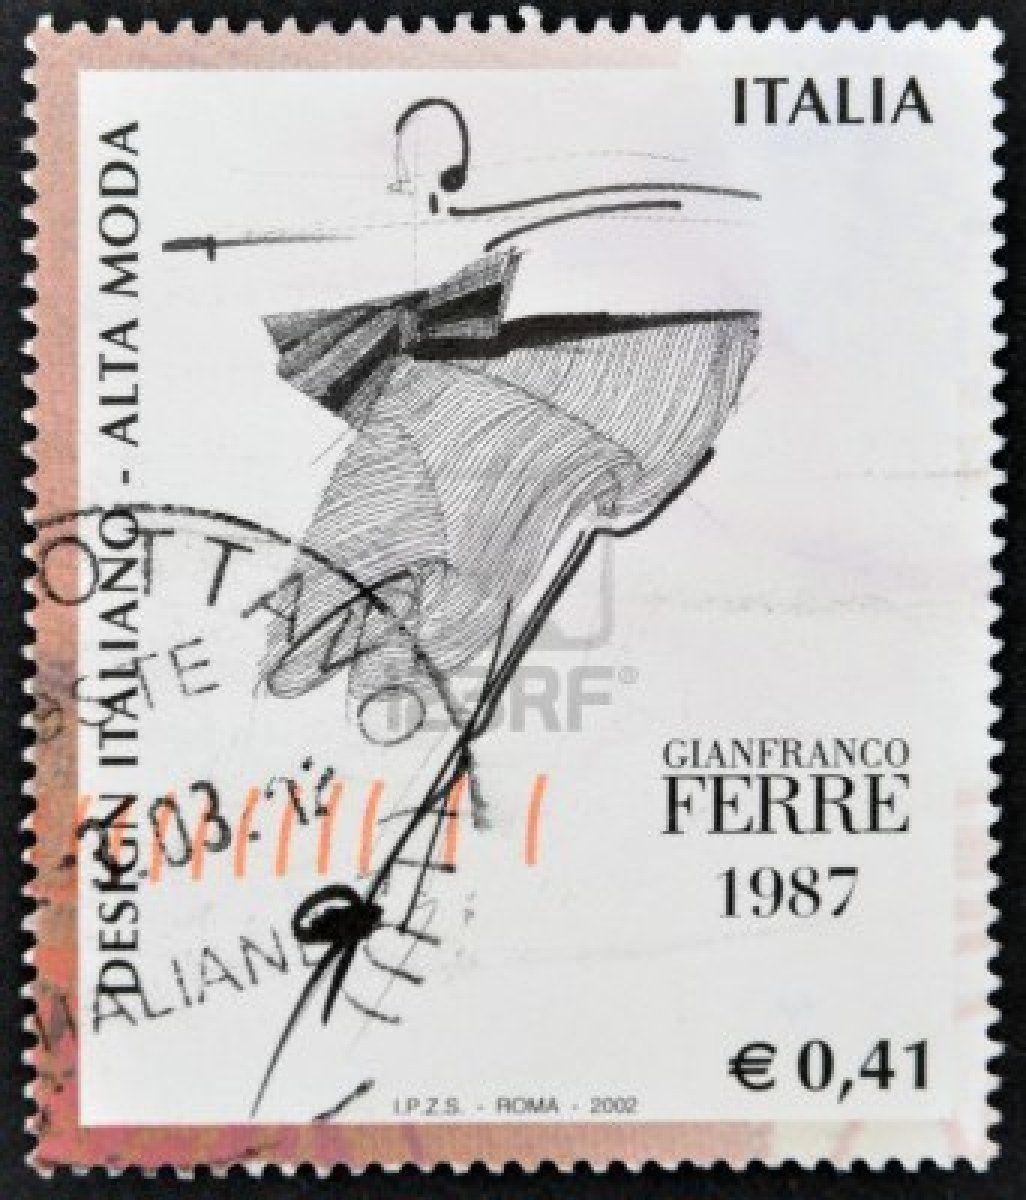 Italia--circa-1987-un-sello-impreso-en-italia-dedicada-al-diseno-italiano-muestra-la-alta-moda GIANFRANCO FERRE